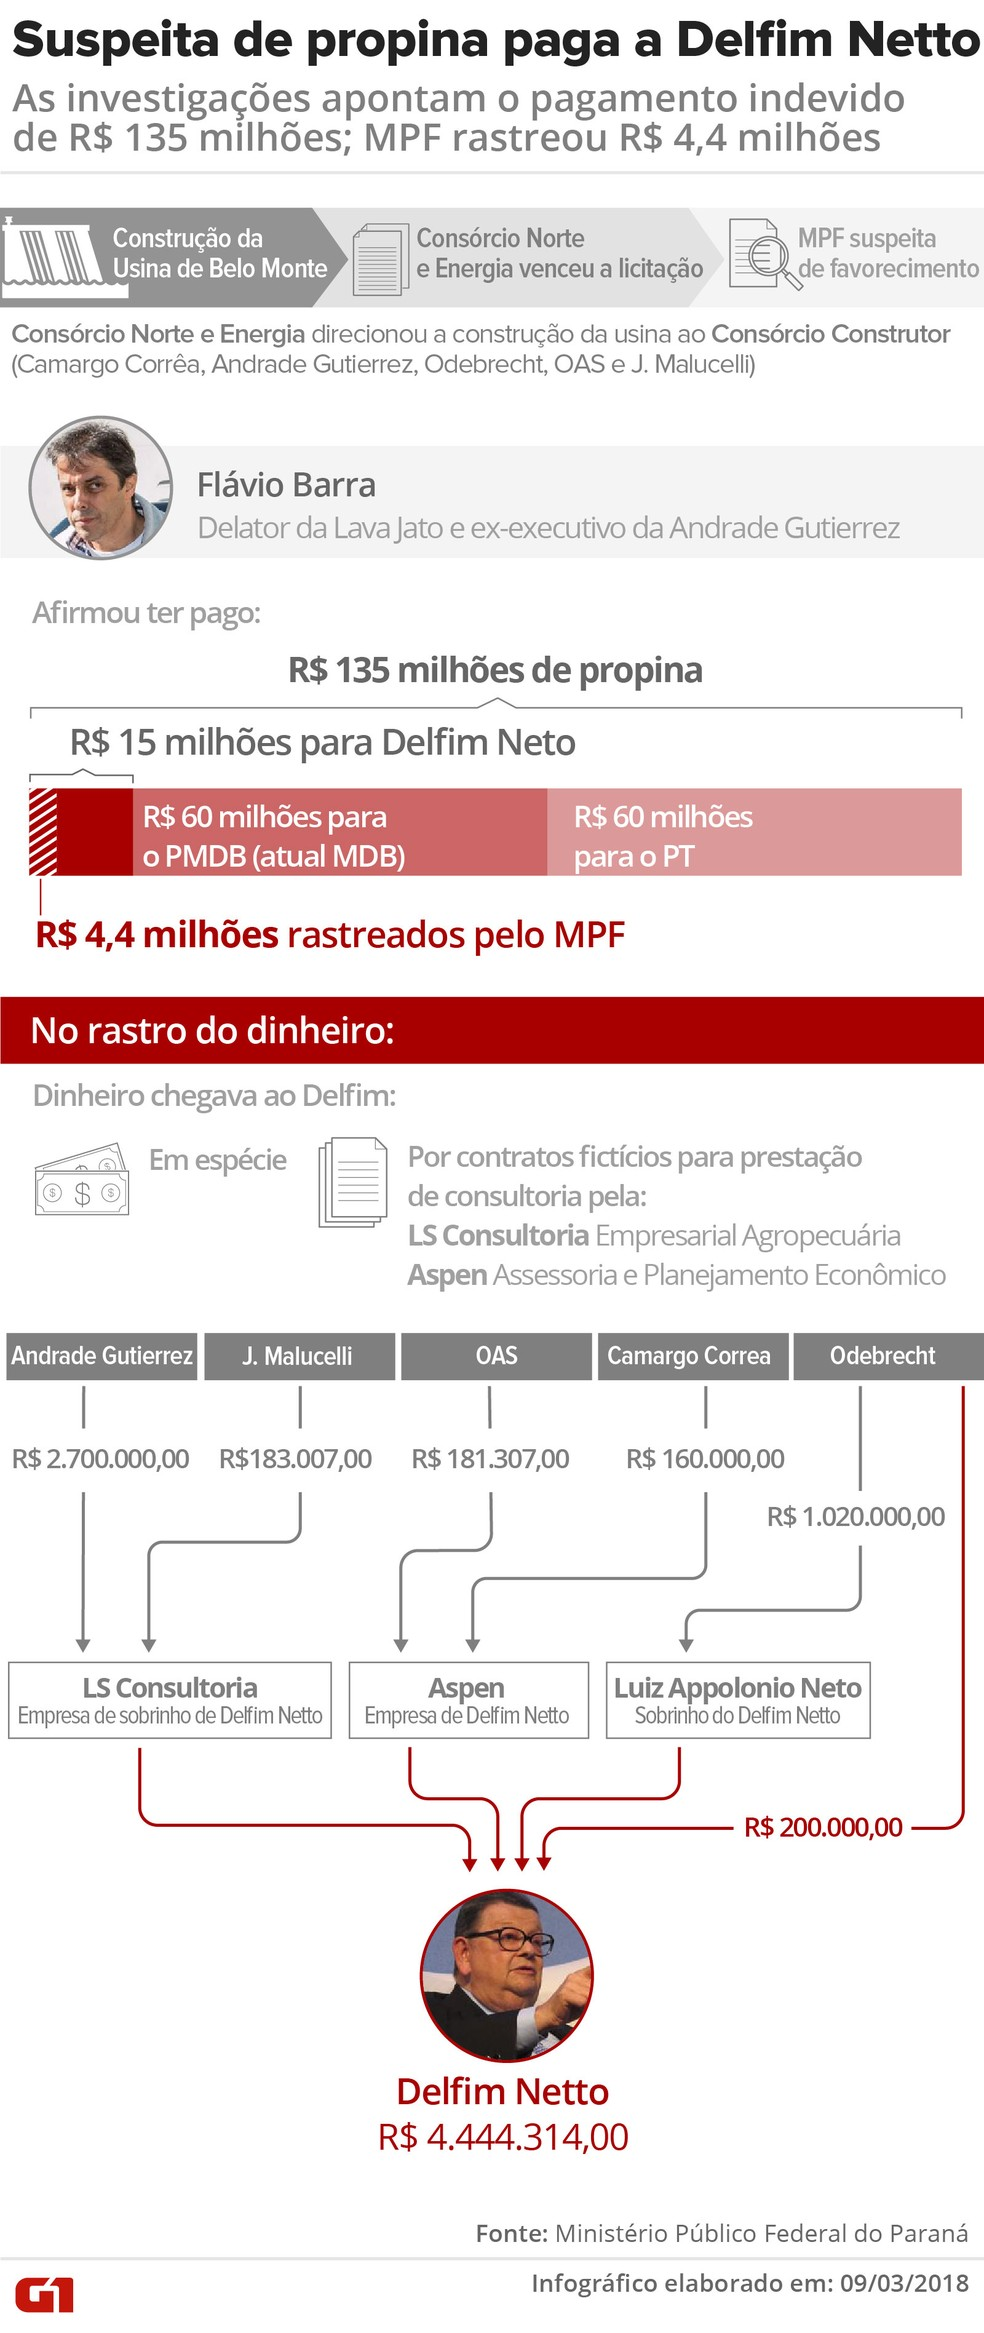 Moro determina bloqueio de R$ 4,4 milhões do ex-ministro Delfim Netto Suspeitas-contra-delfim-netto-v3